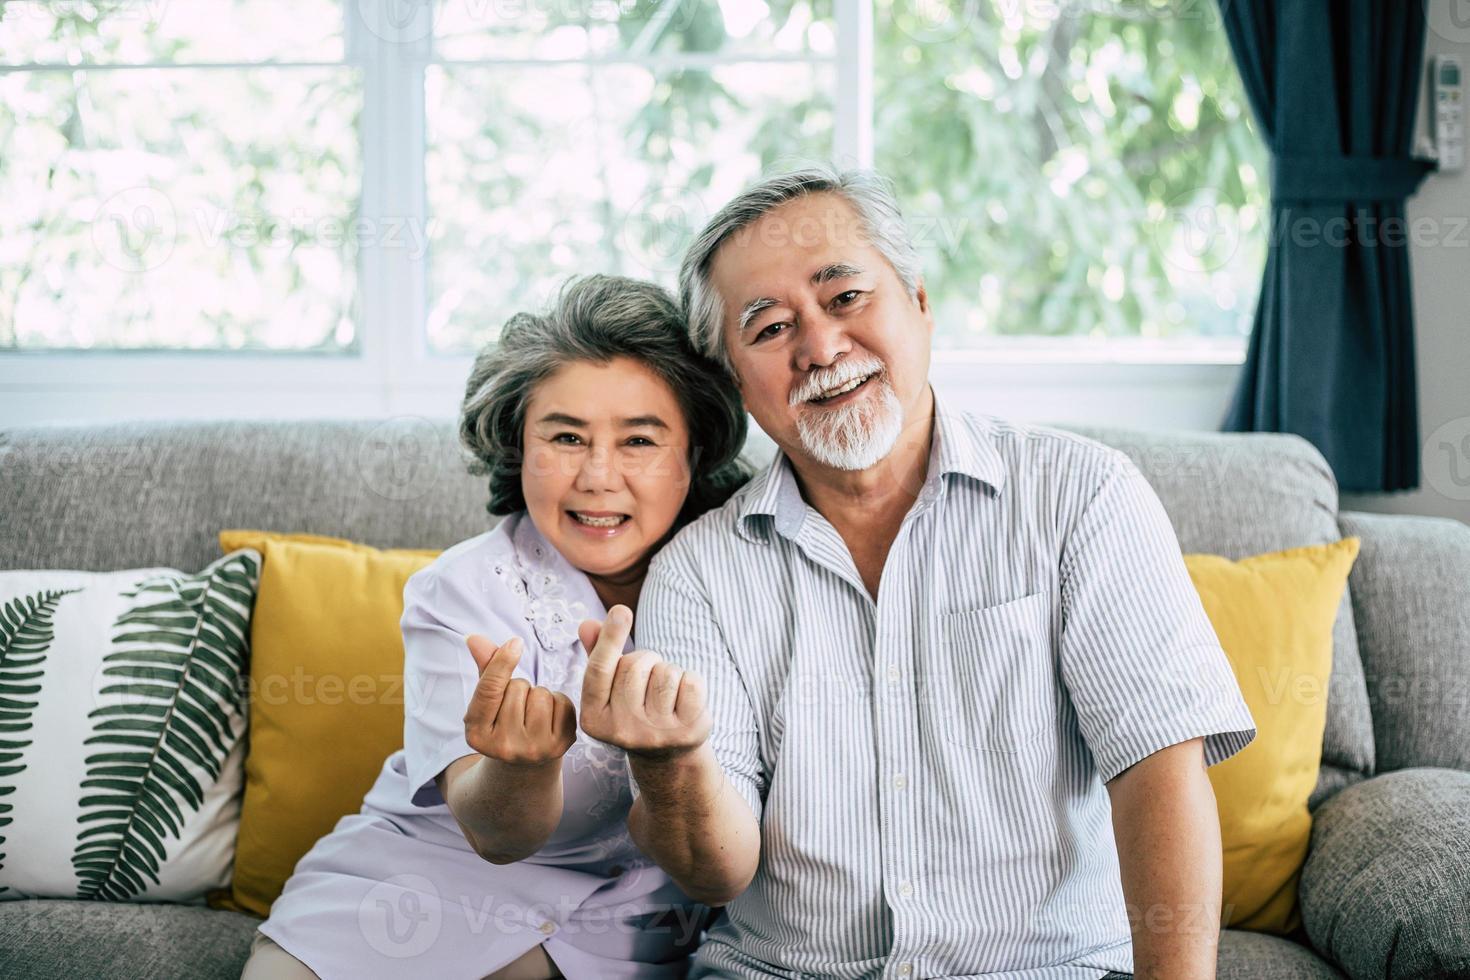 pareja de ancianos juntos en su sala de estar foto